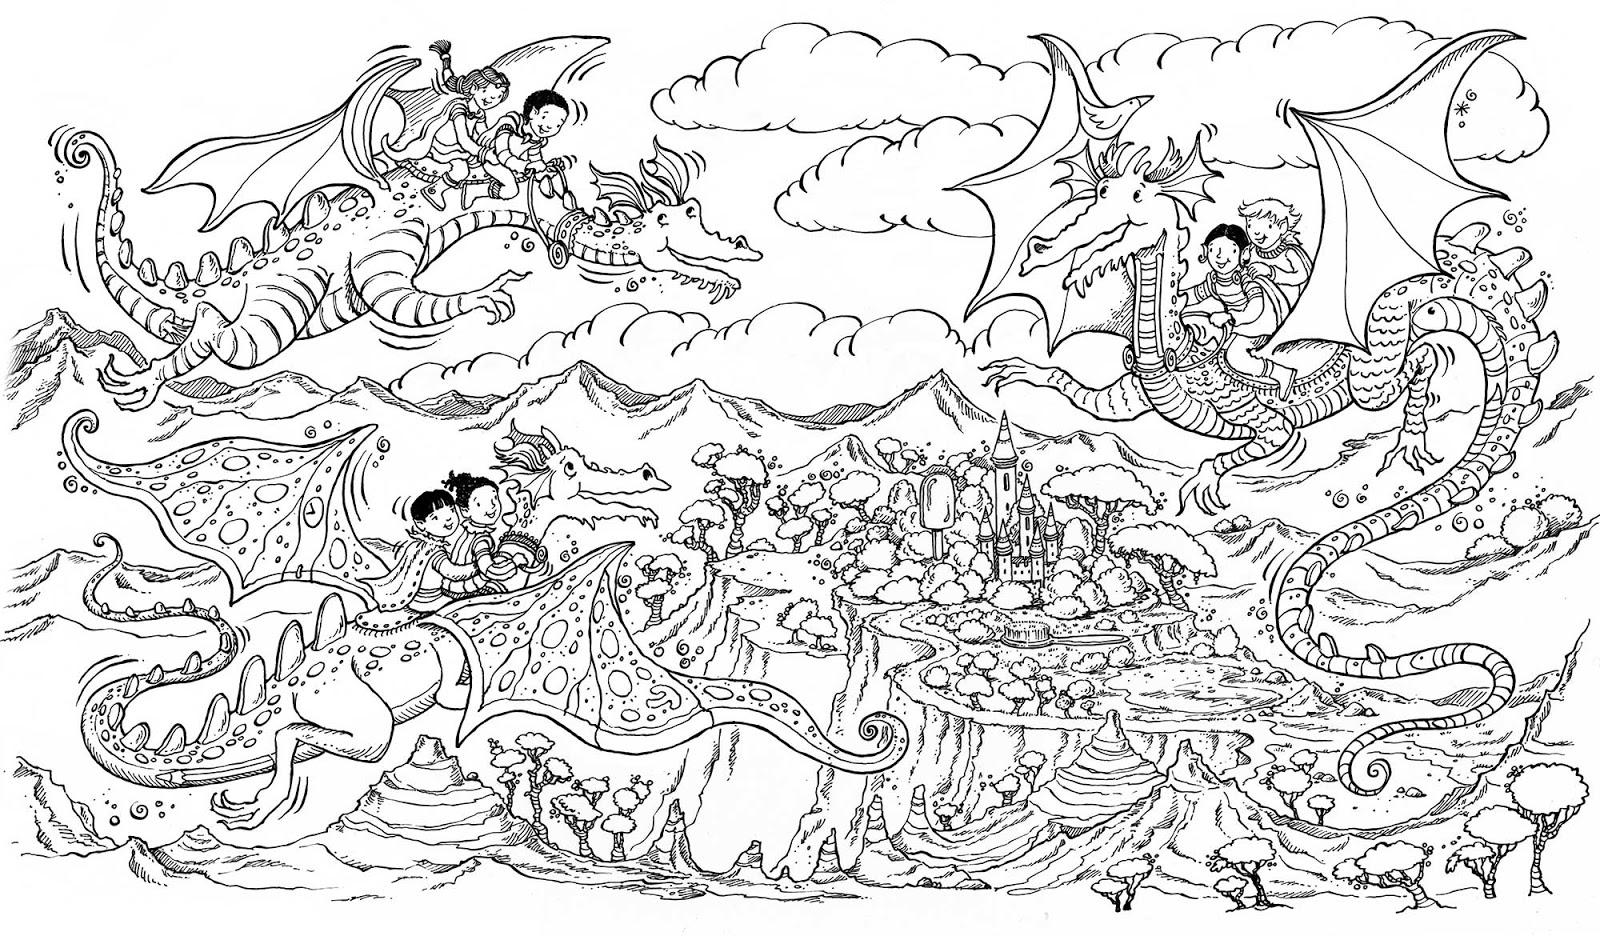 Mary S Illustration Blog Highlights High Five Hidden